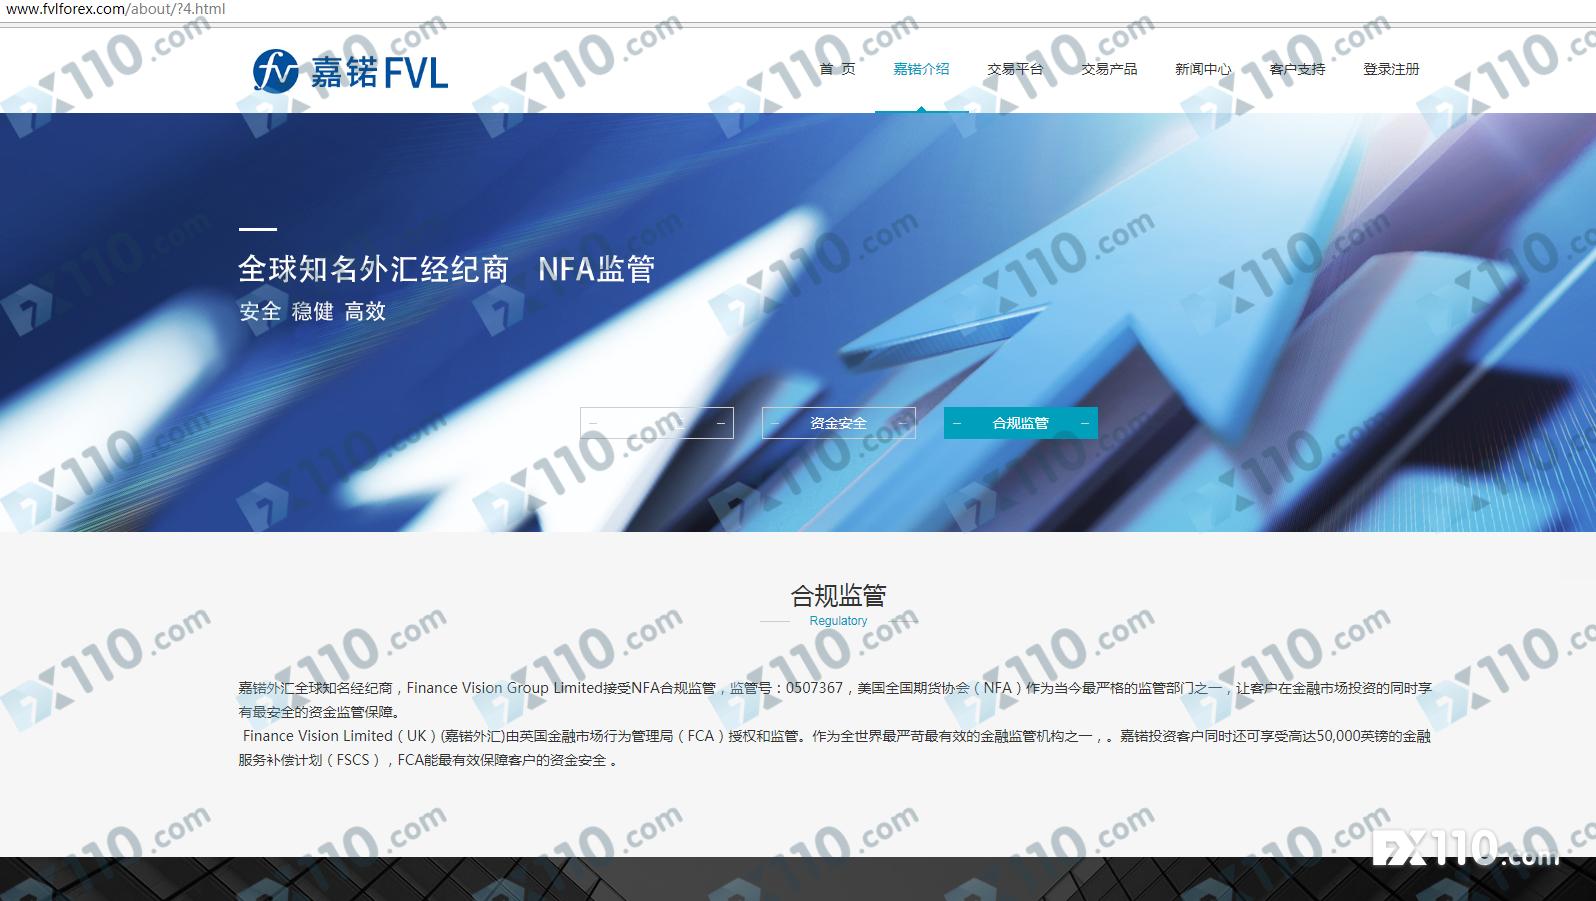 嘉锘外汇FVL怎么样? 嘉锘外汇FVL靠谱吗? 嘉锘外汇FVL好用吗?